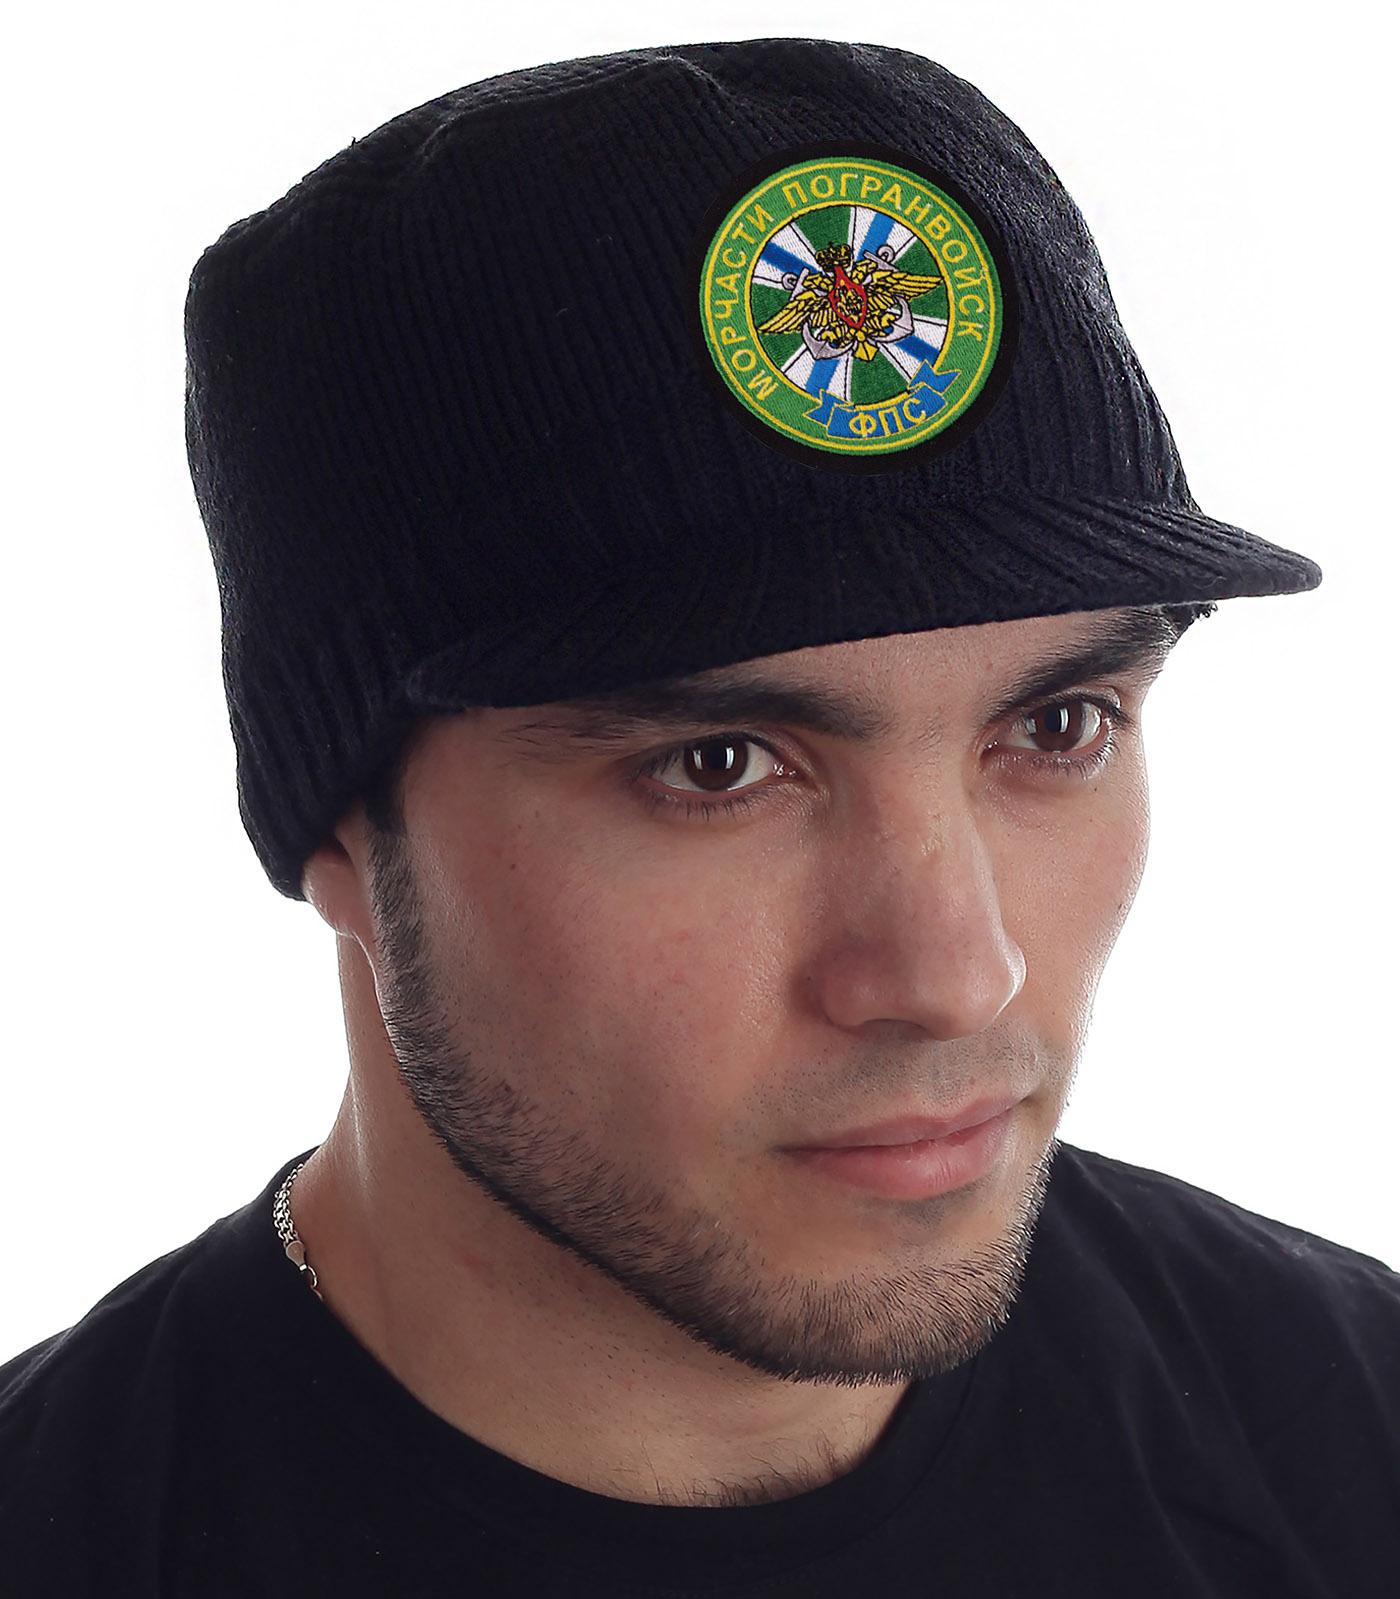 Купить мужскую шапку с козырьком от Miller Way с доставкой в любой город России и не только